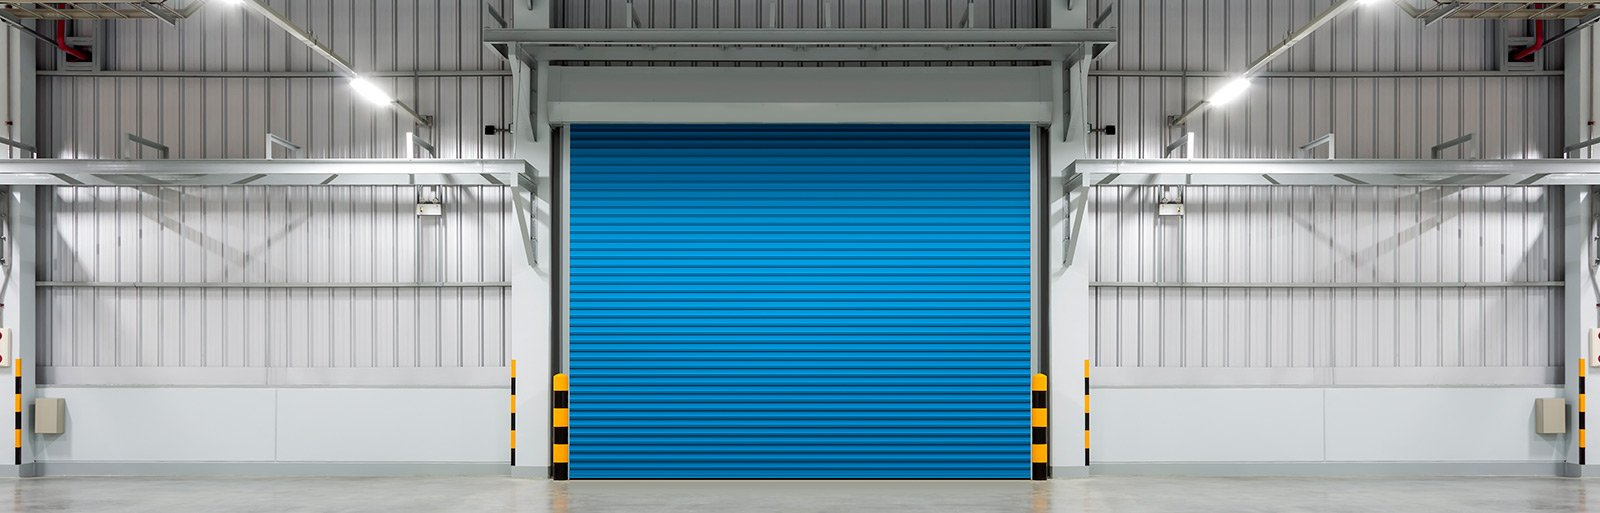 Industrial Overhead Roller Doors